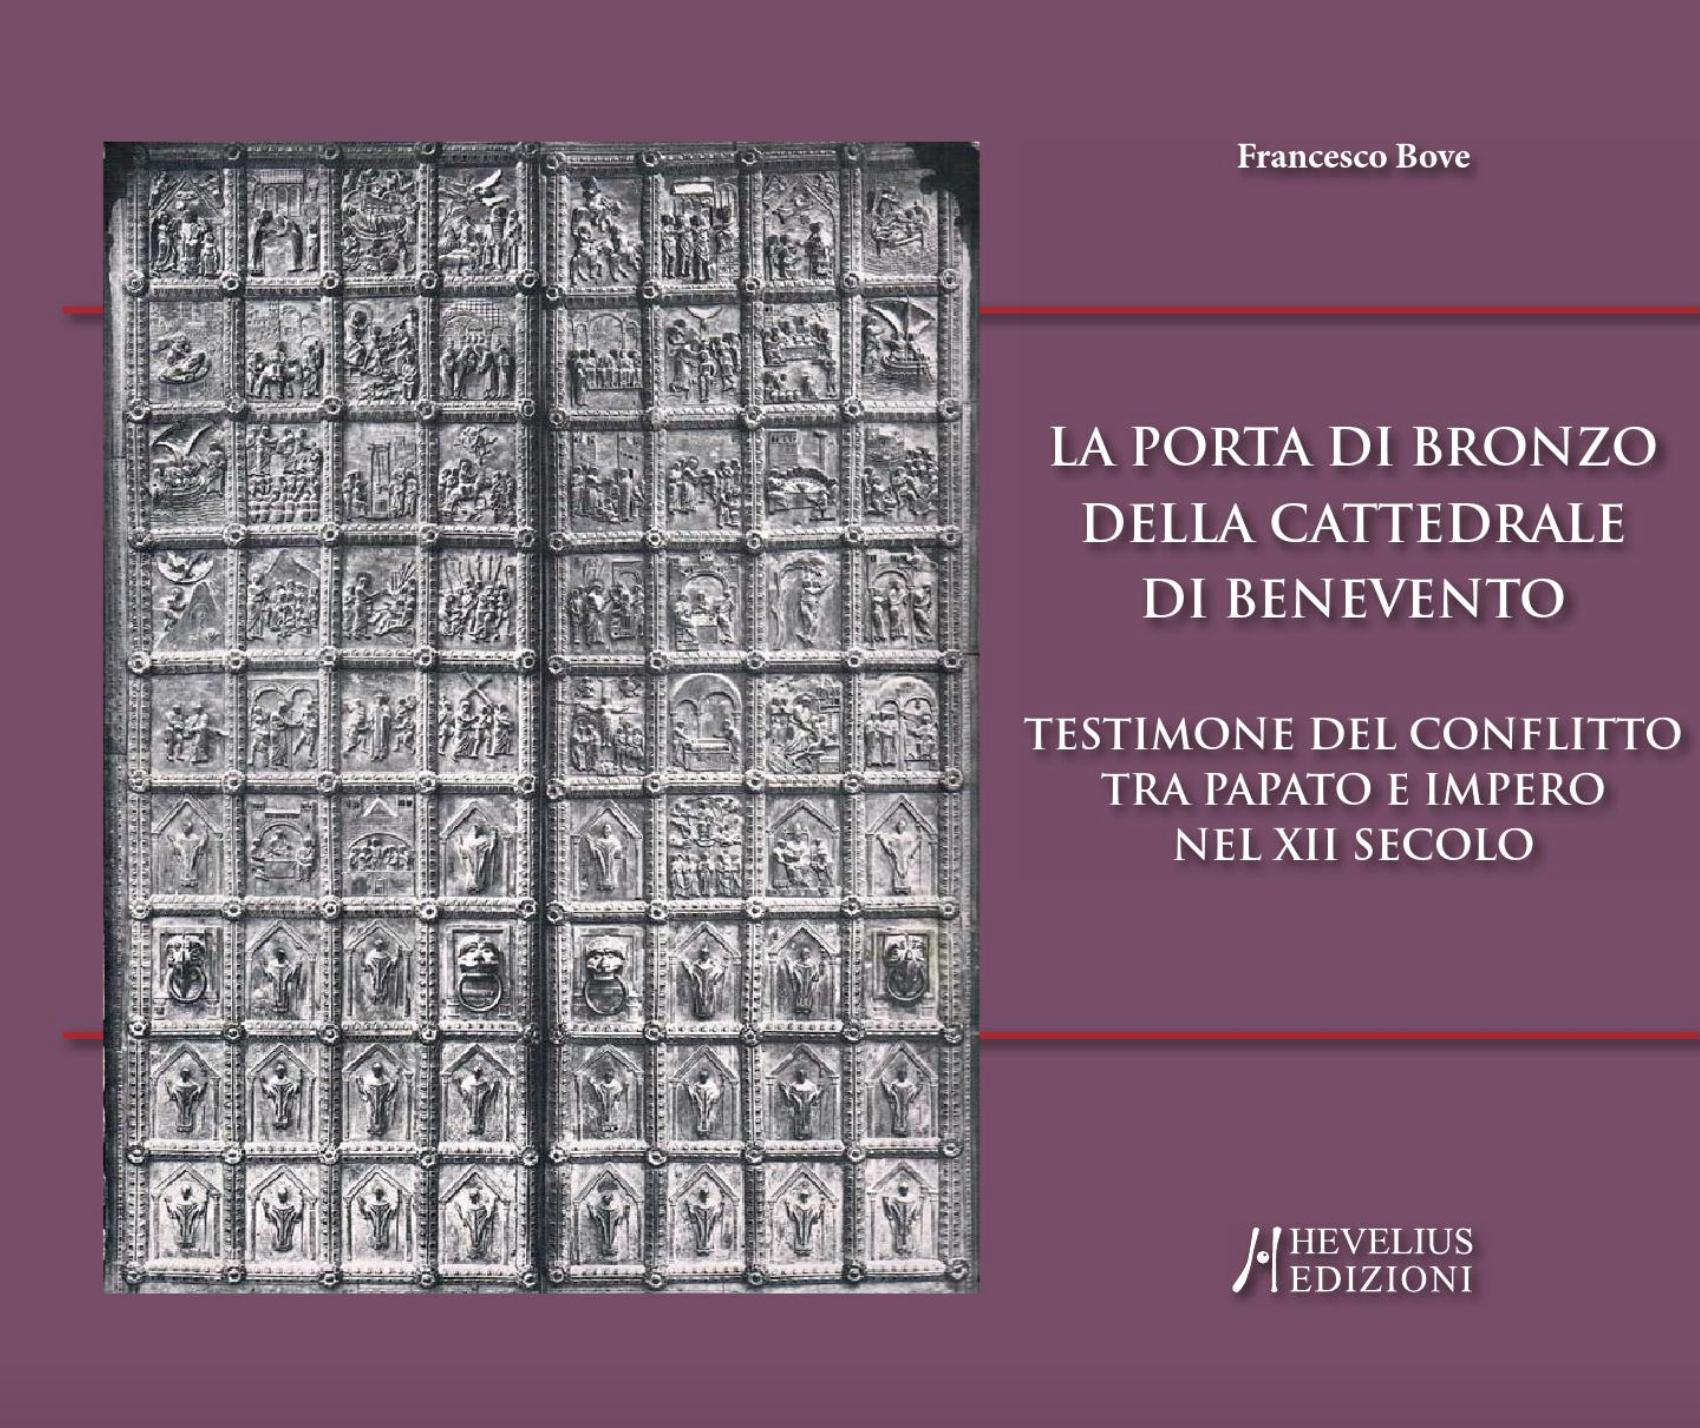 La porta di bronzo della cattedrale di benevento di - La porta di anne recensione ...